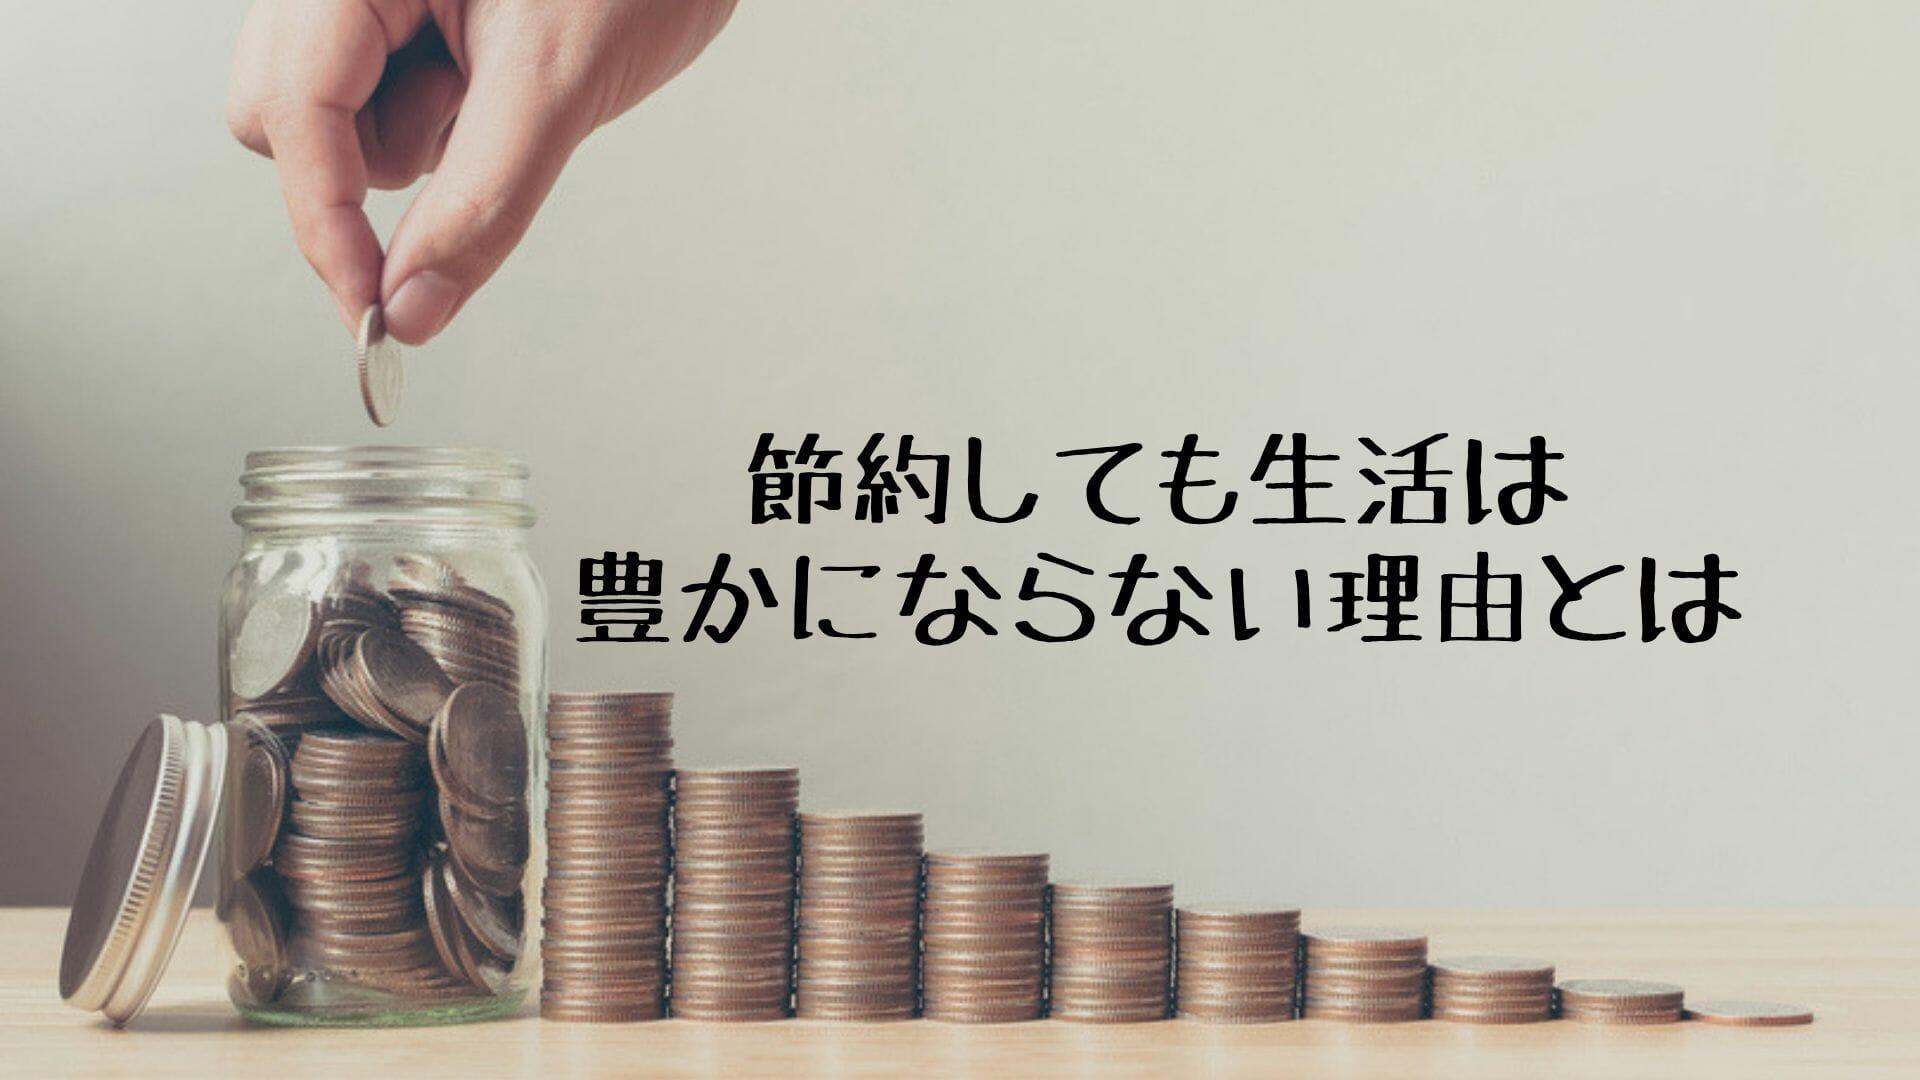 節約しても生活は豊かにならない理由とは